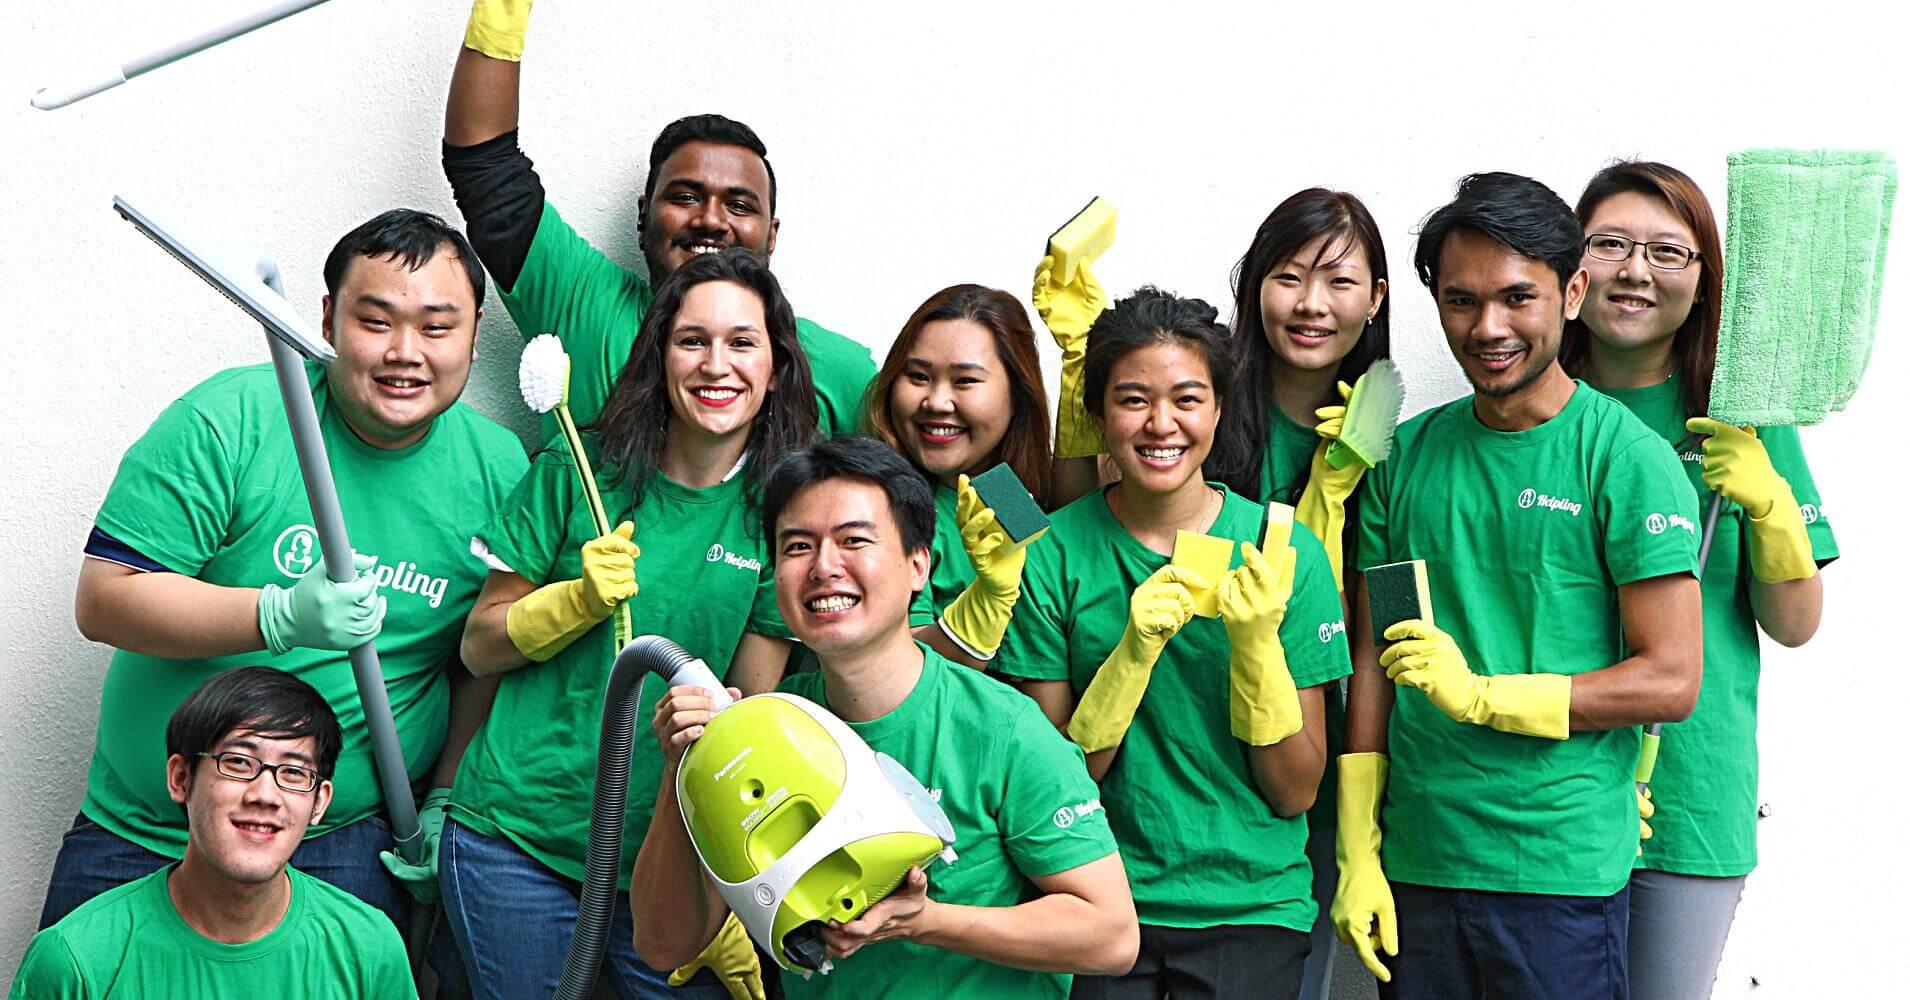 ارخص شركة تظيف منازل بالرياض,تنظيف المازل بالبخار,نظافة المنازل